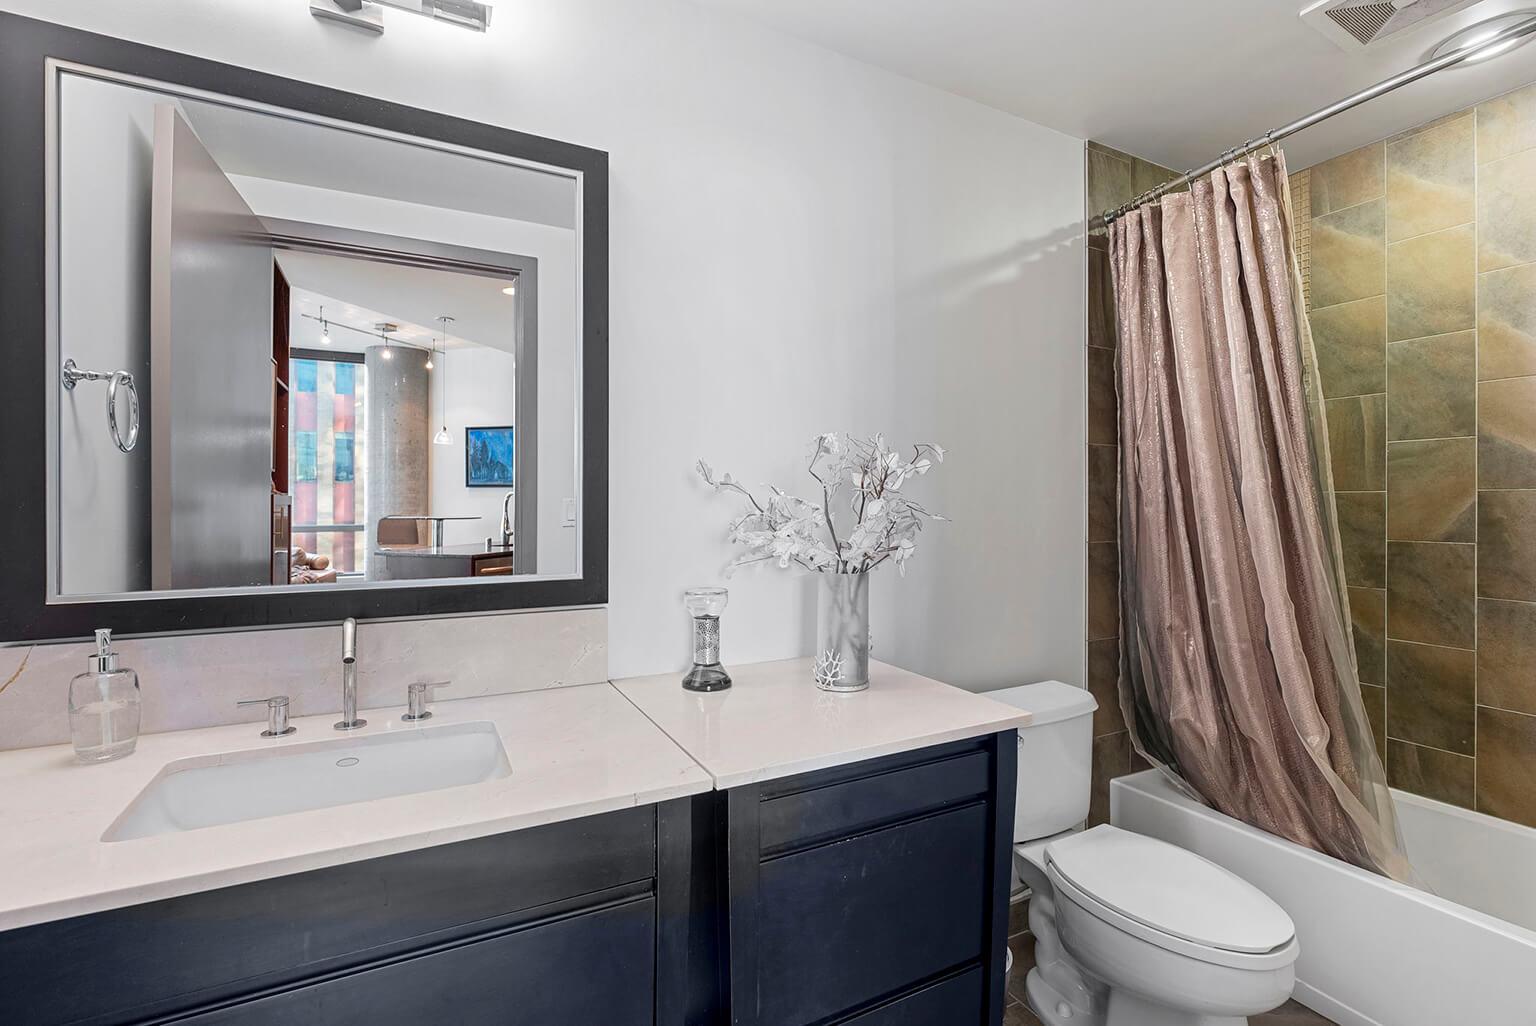 Bathroom with quartz-topped vanity